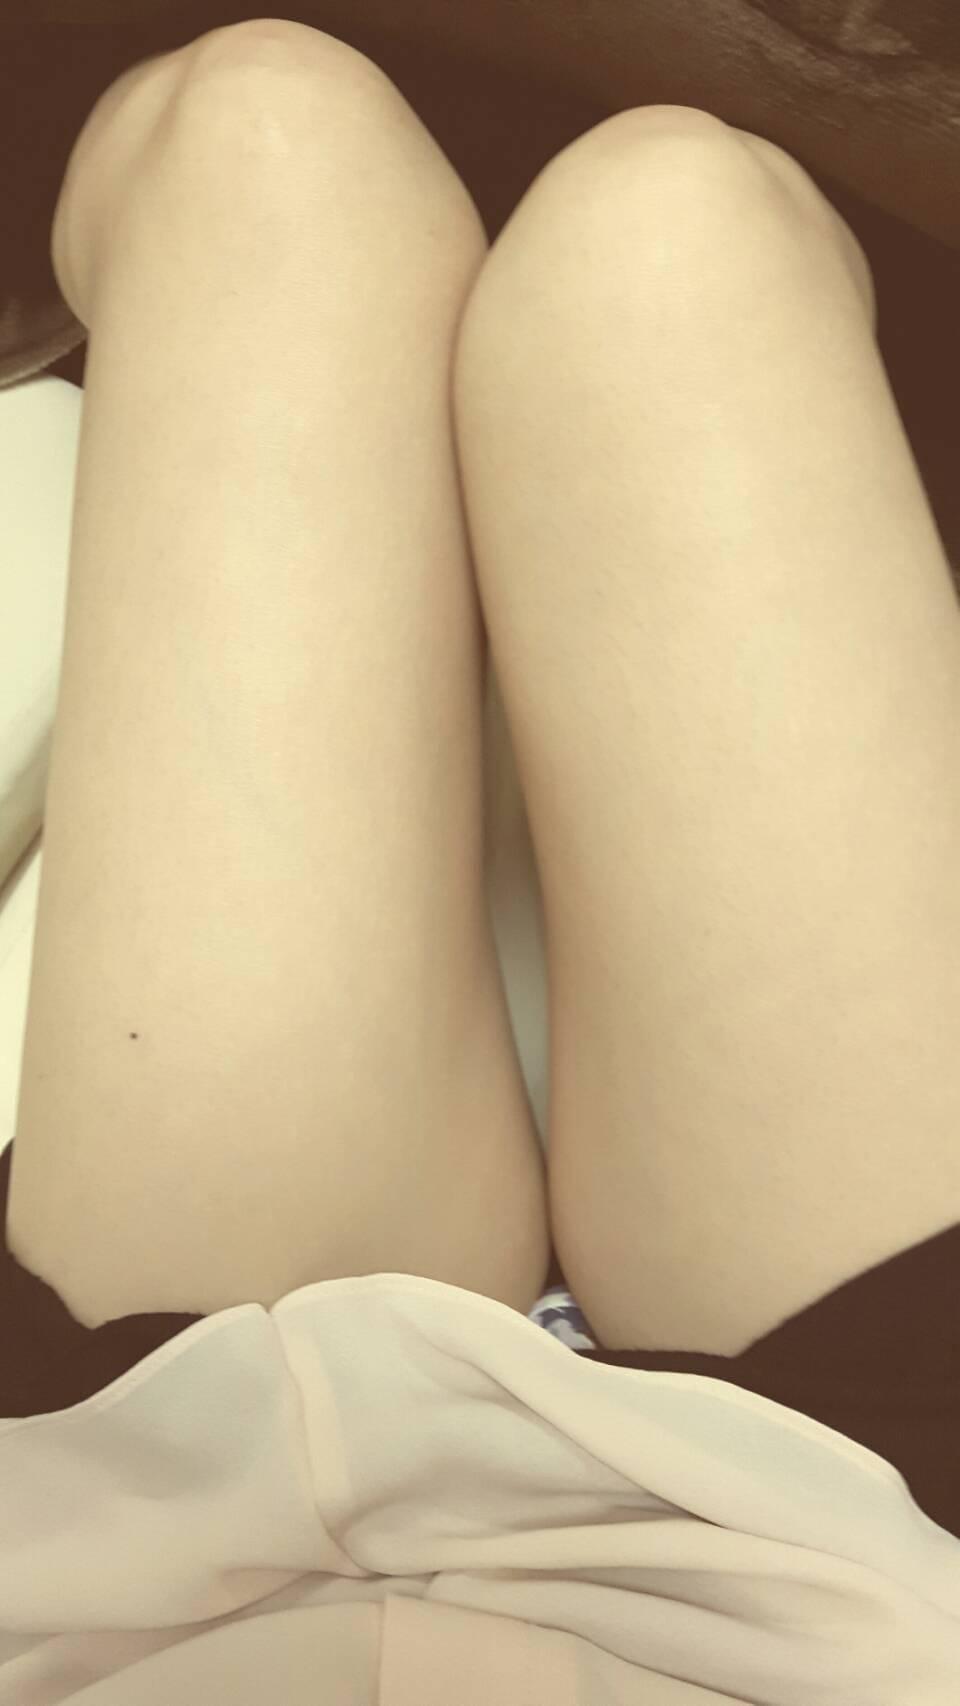 「夜までビッシリ」07/13(金) 14:56 | みおりの写メ・風俗動画